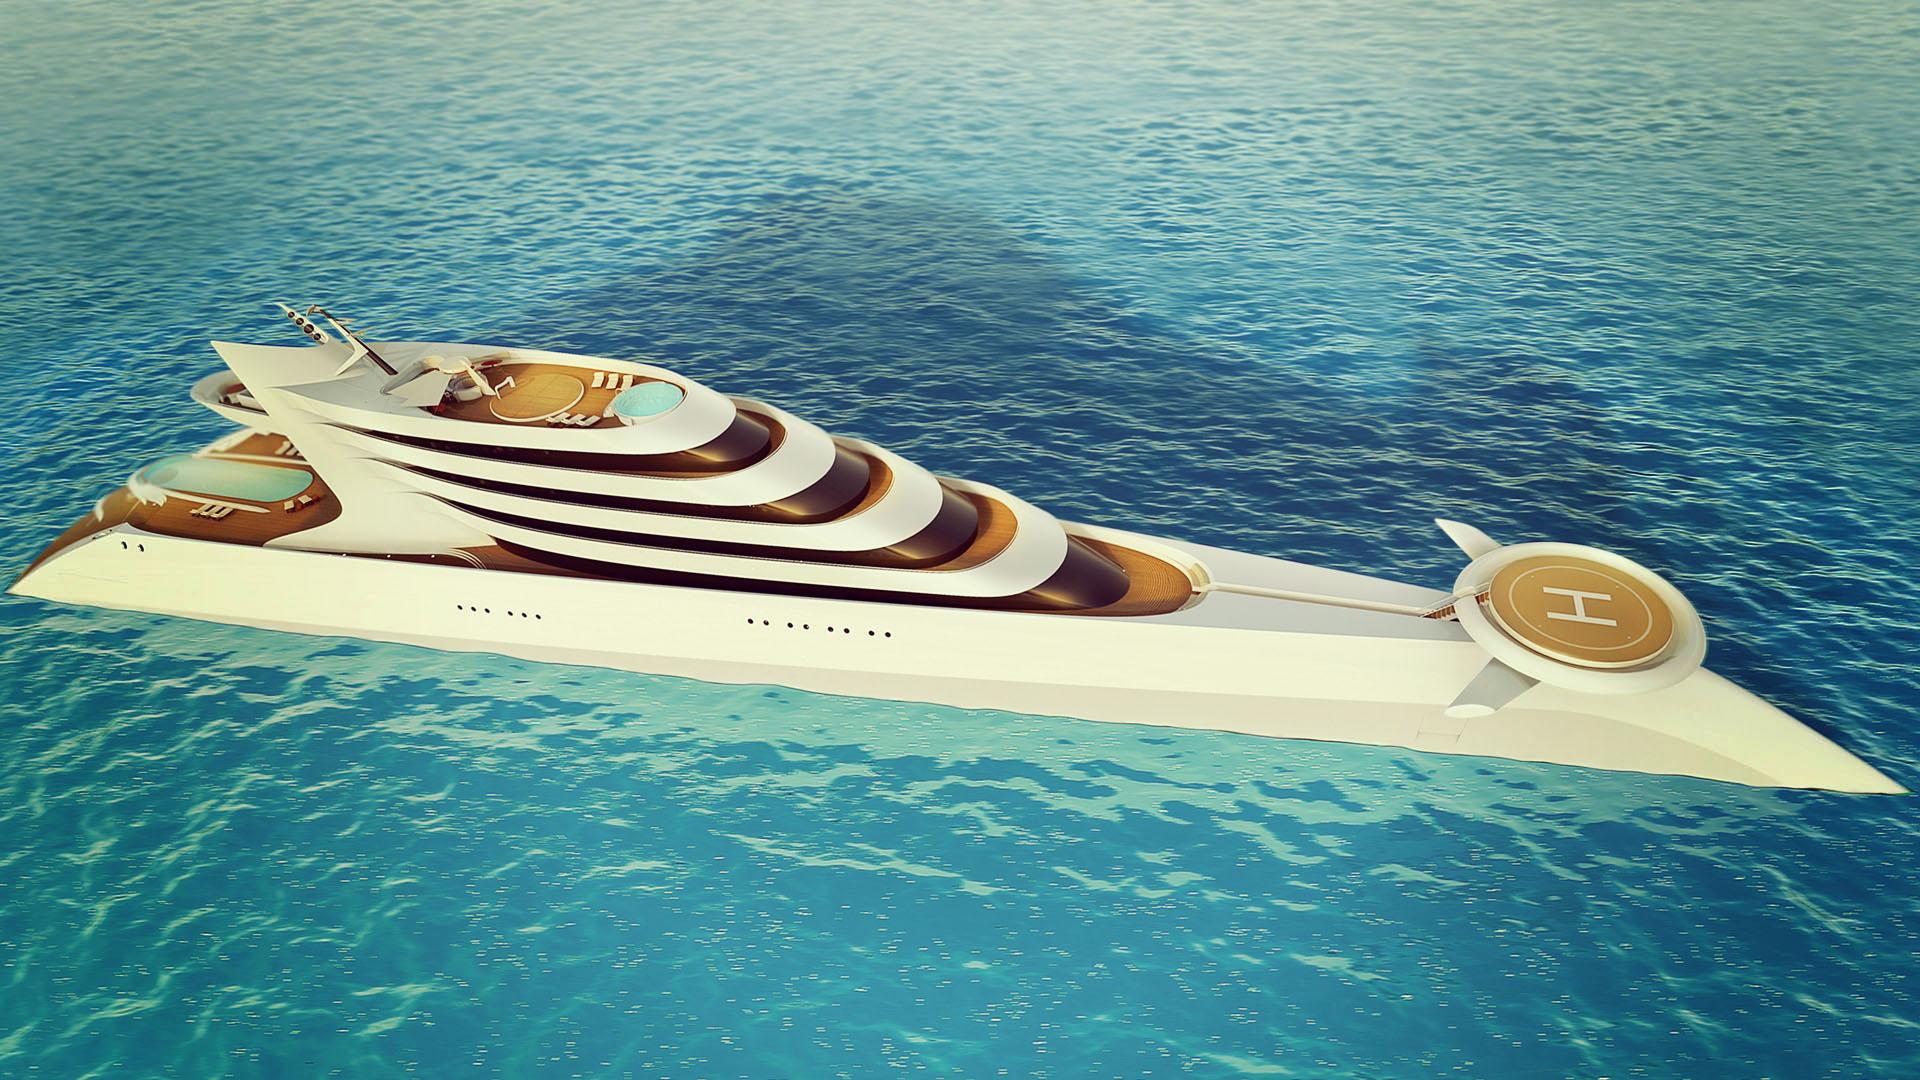 Třetí největší luxusní jachta L'amage na světě